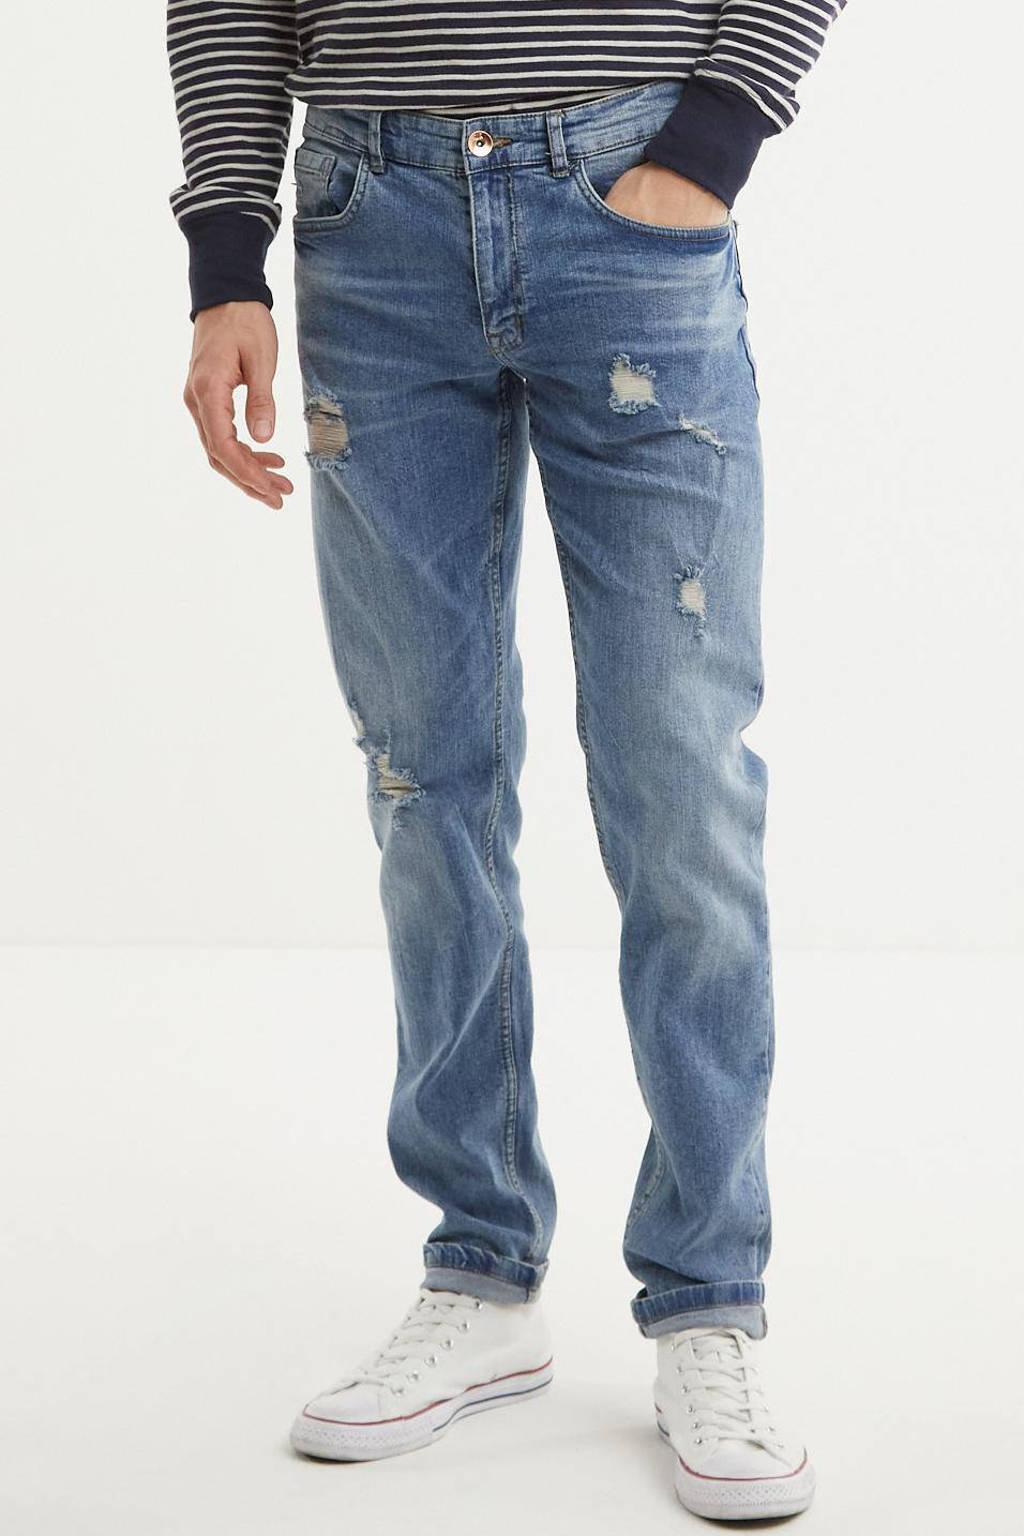 Redefined Rebel slim fit jeans Stockholm Destroy sea shore 506, Sea Shore 506